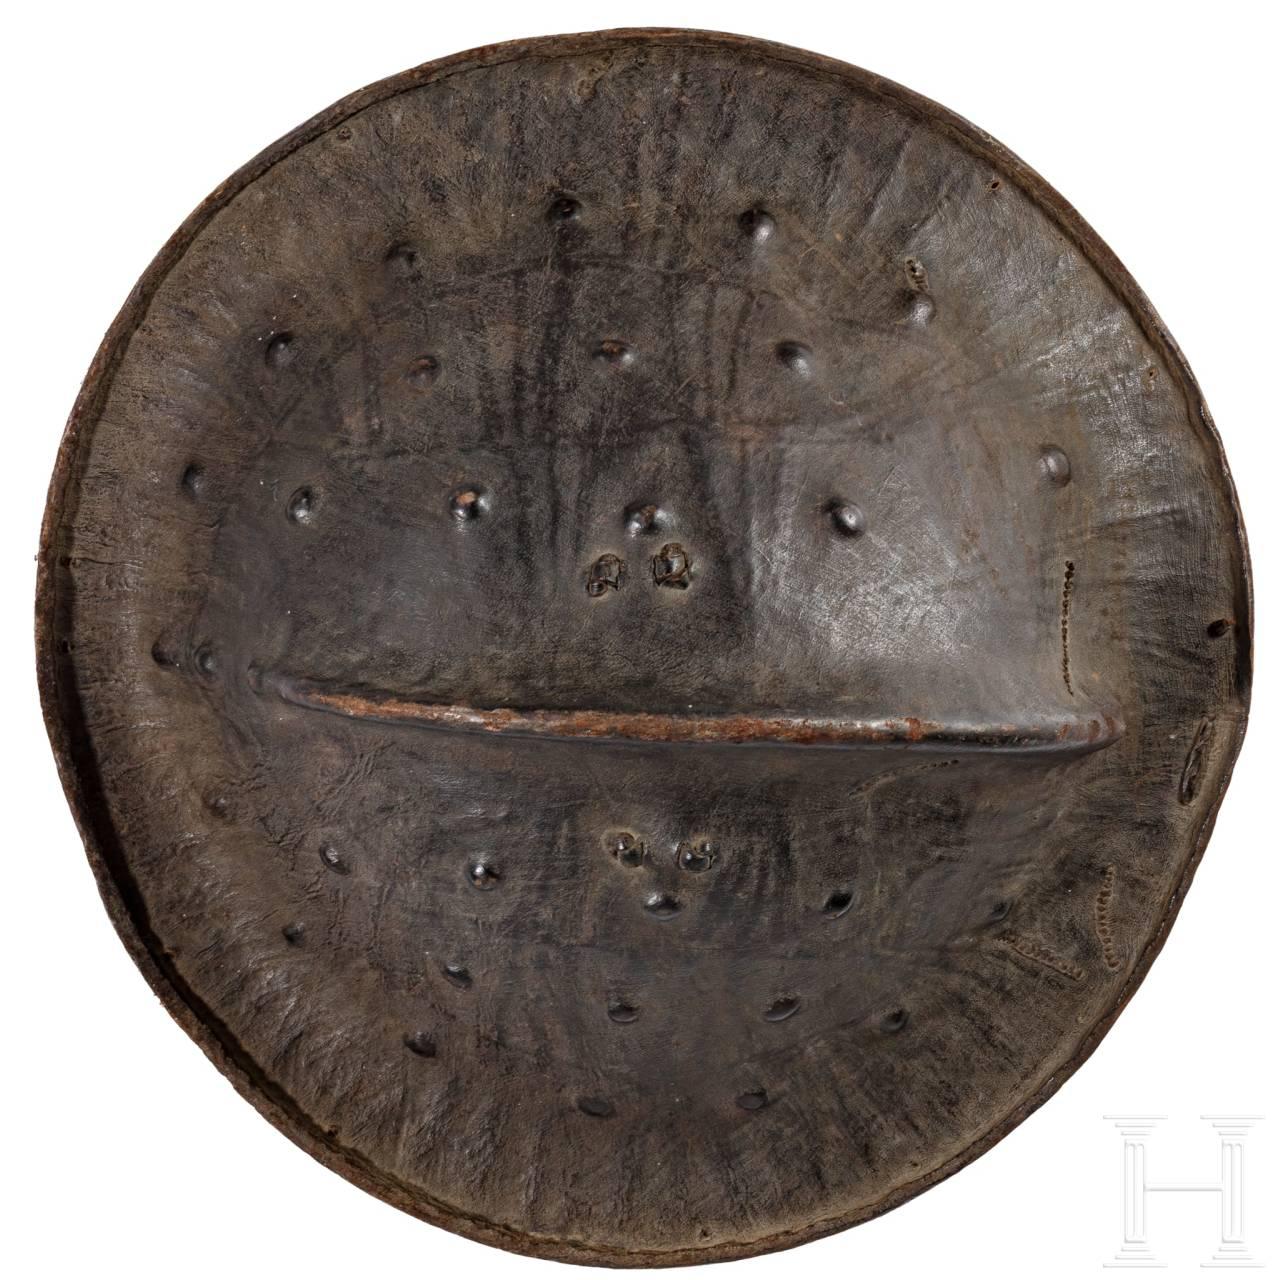 Schild der Oromo, Äthiopien, um 1900